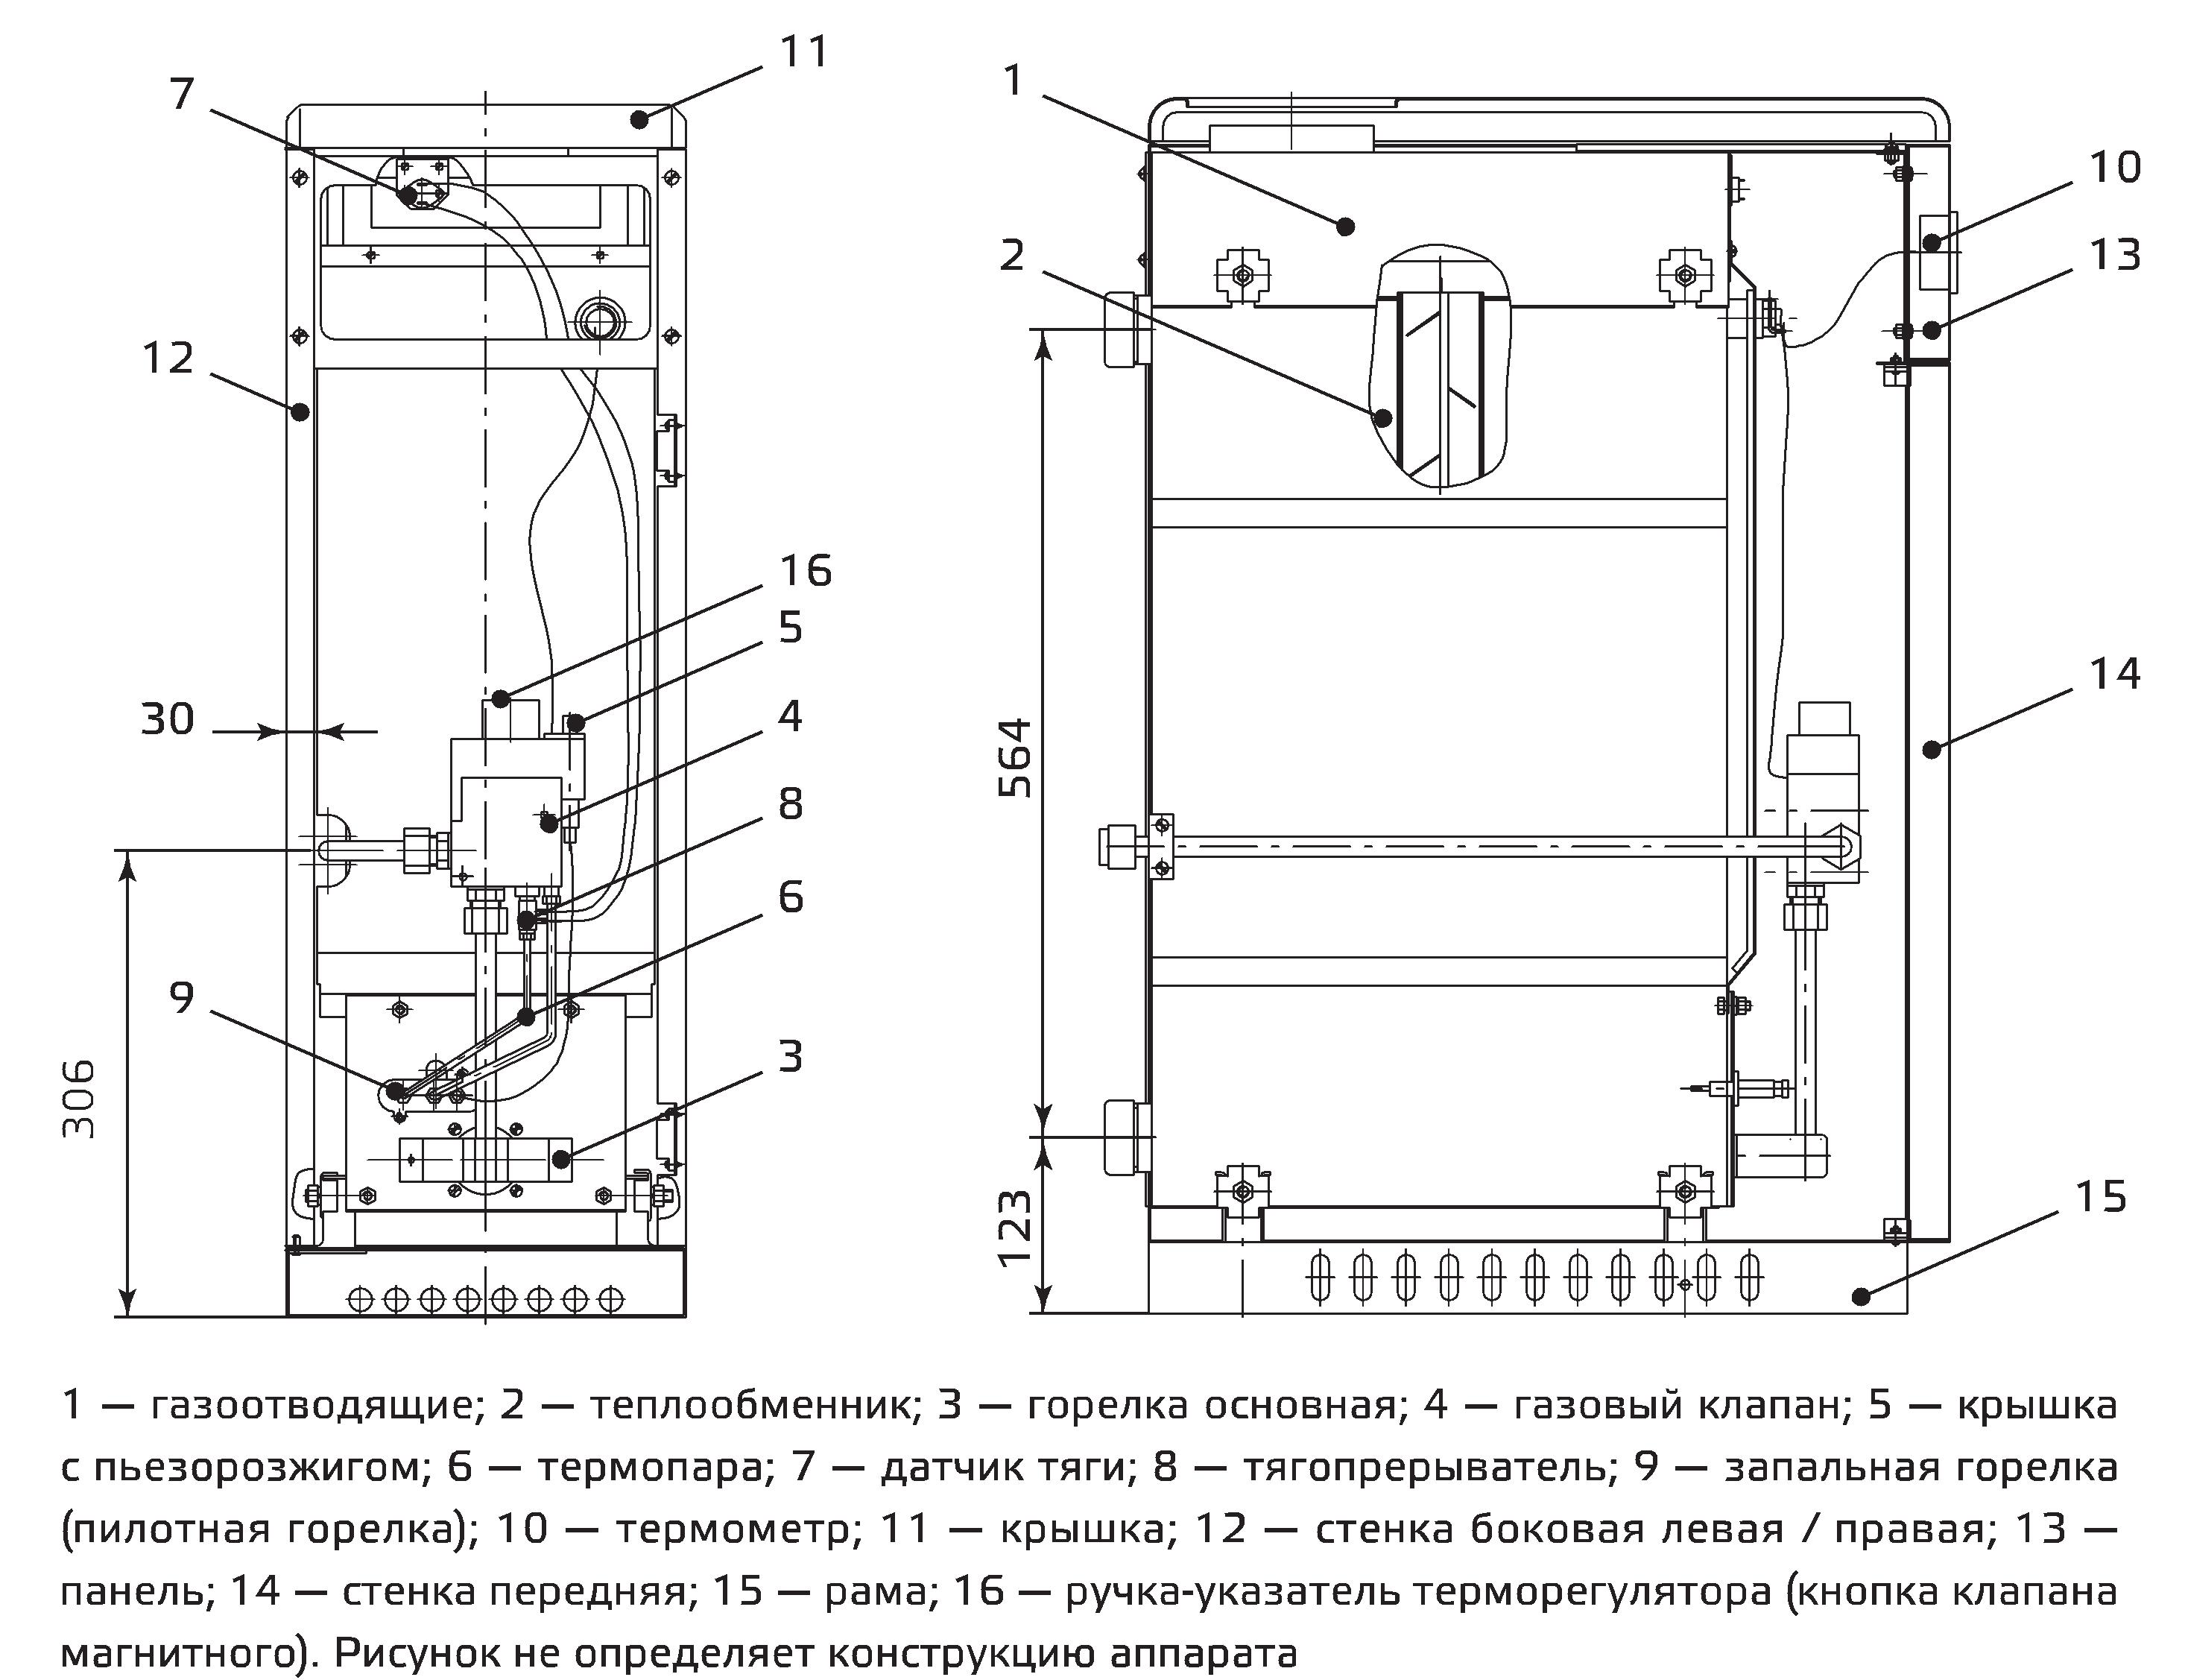 Уплотнения теплообменника Ридан НН 130 Комсомольск-на-Амуре